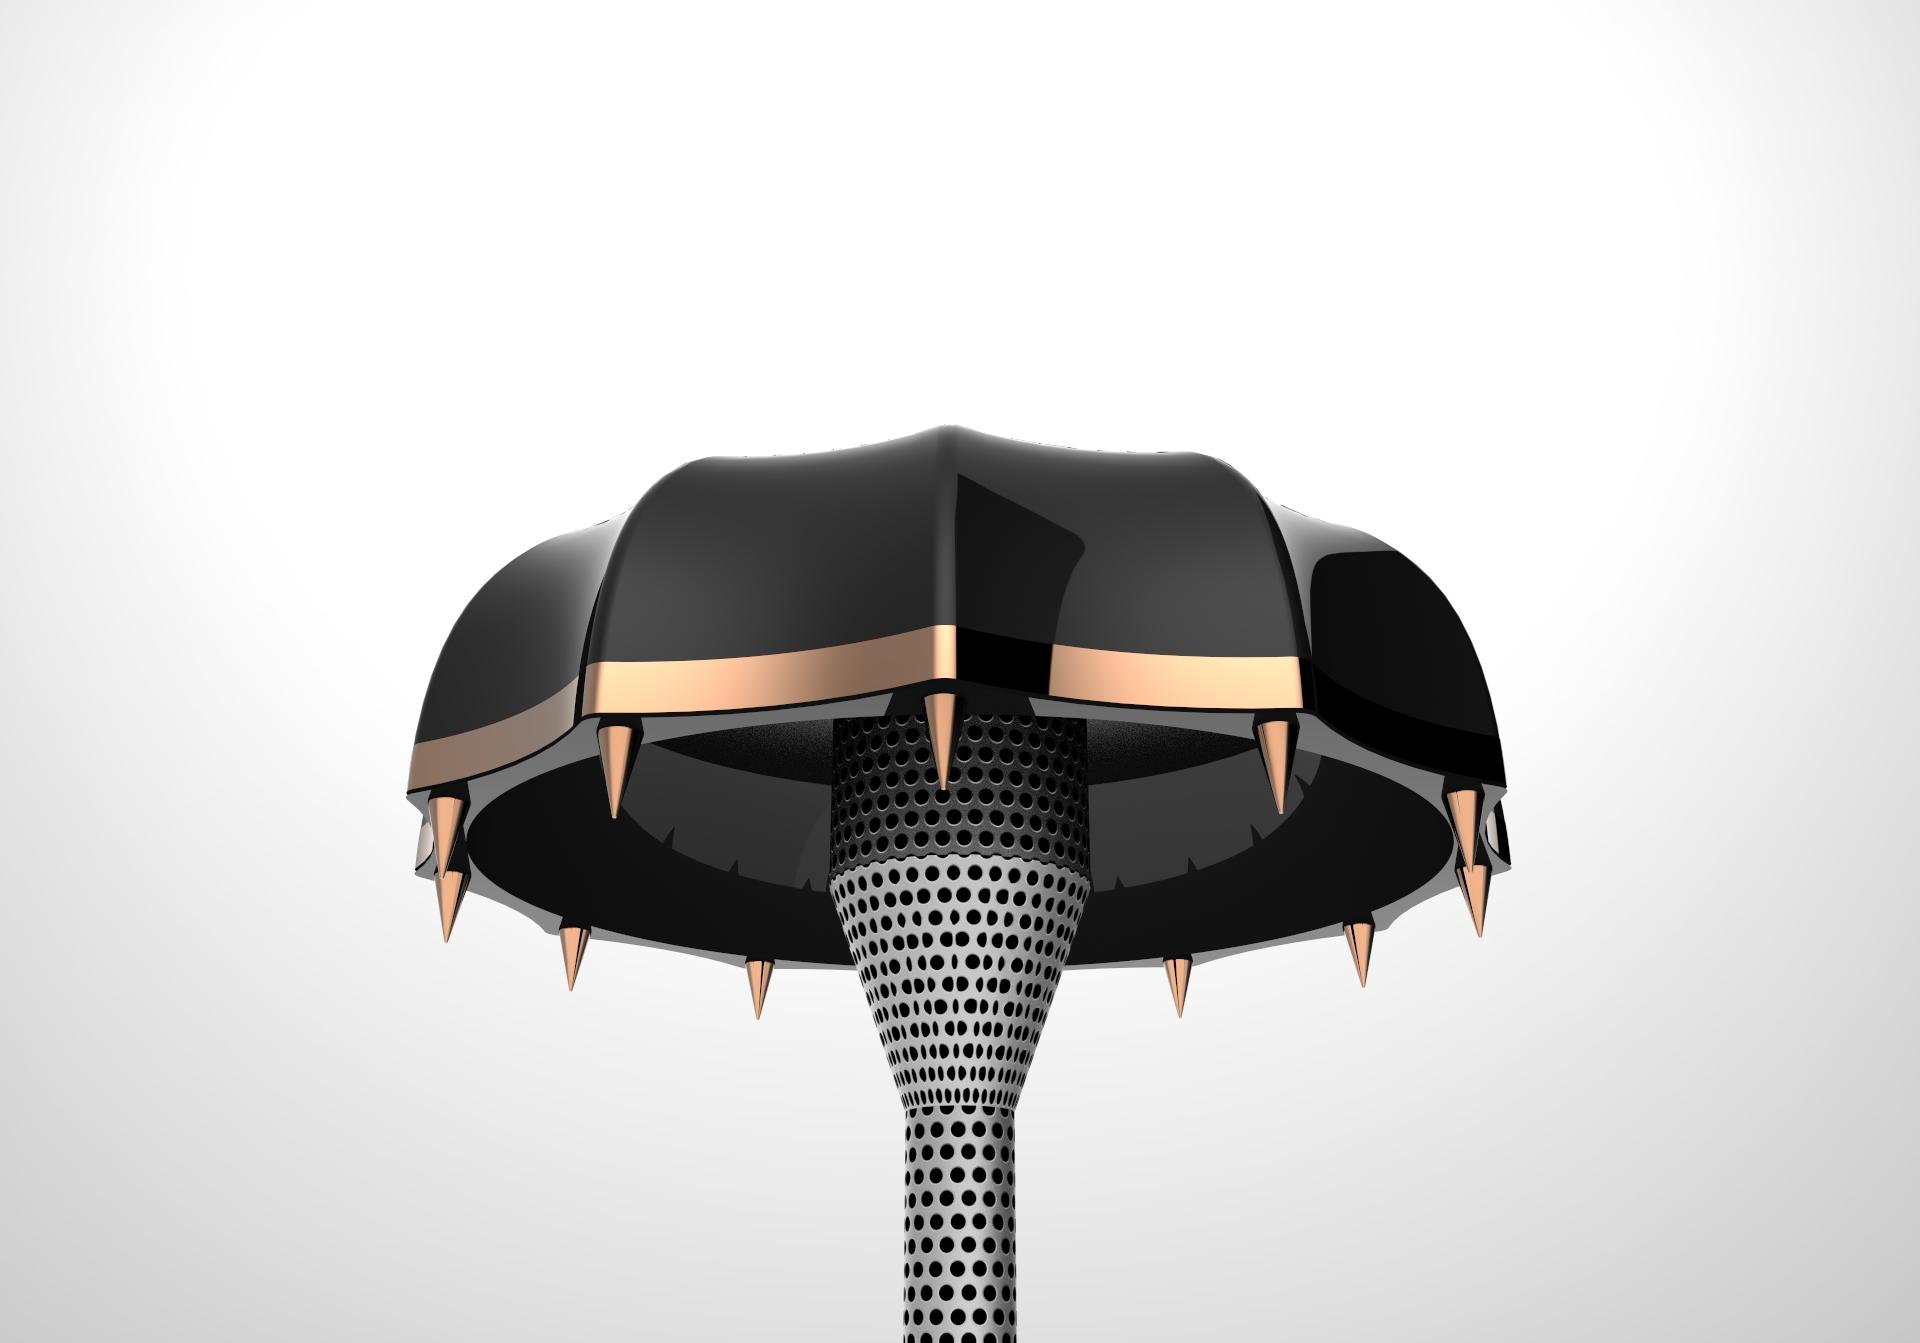 Projet TD Design - Sérénité Rent - Umbrella - Umbrella2.26